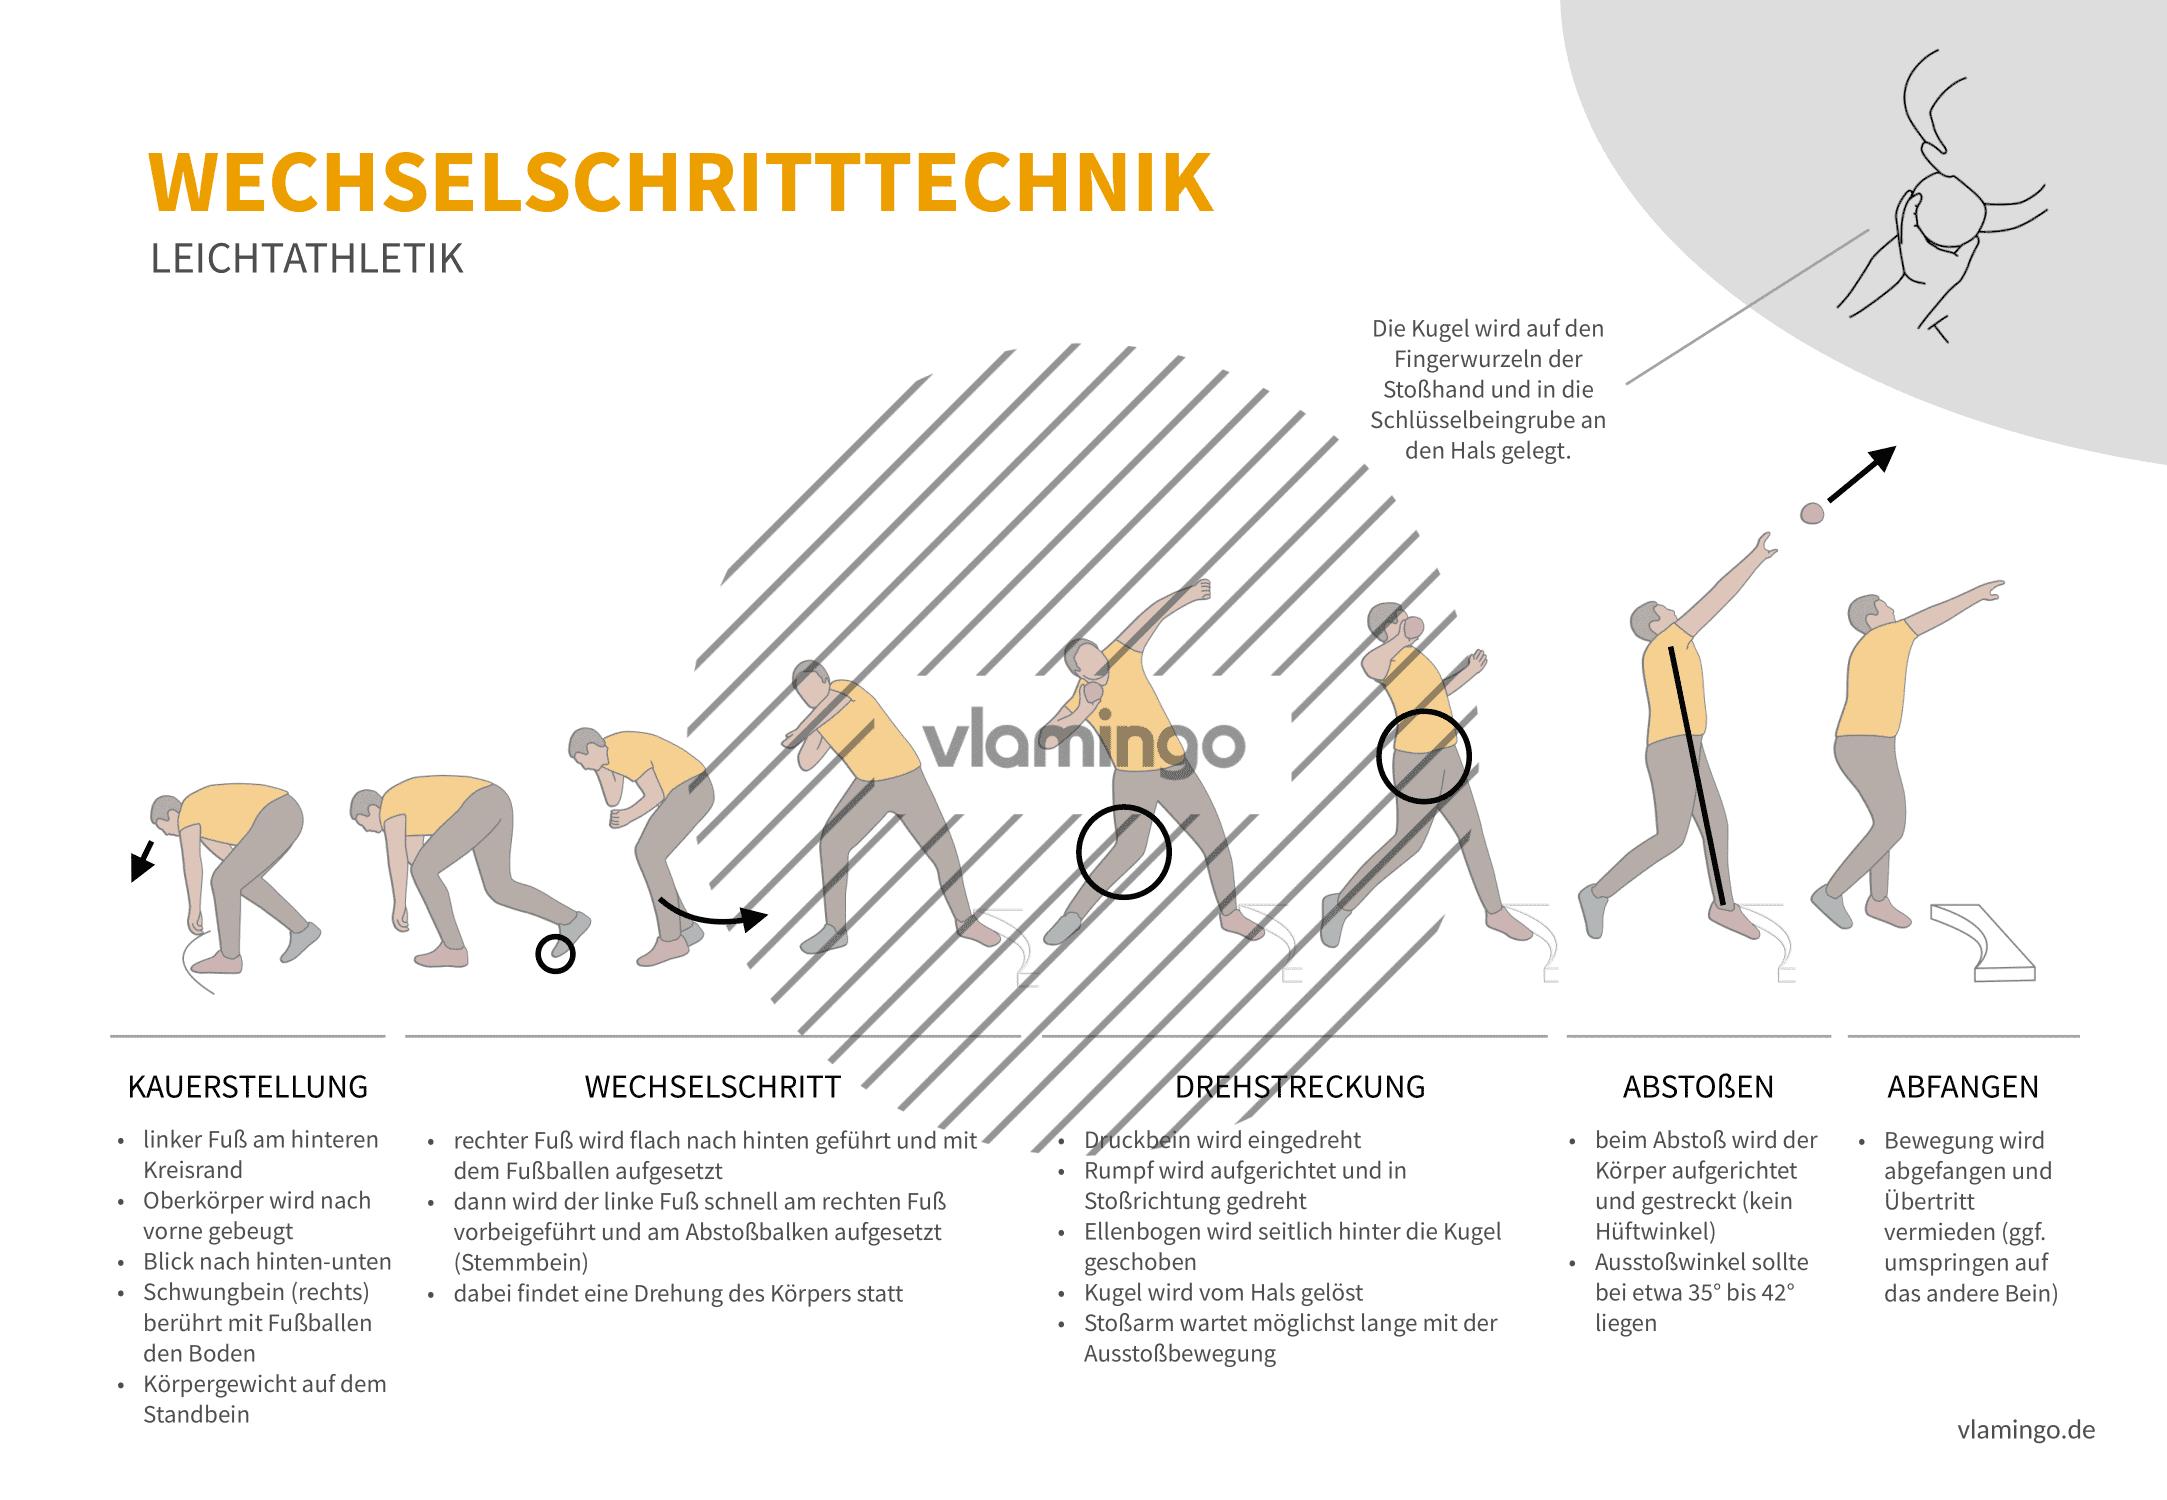 Wechselschritttechnik (Bewegungsanalyse) - Leichtathletik